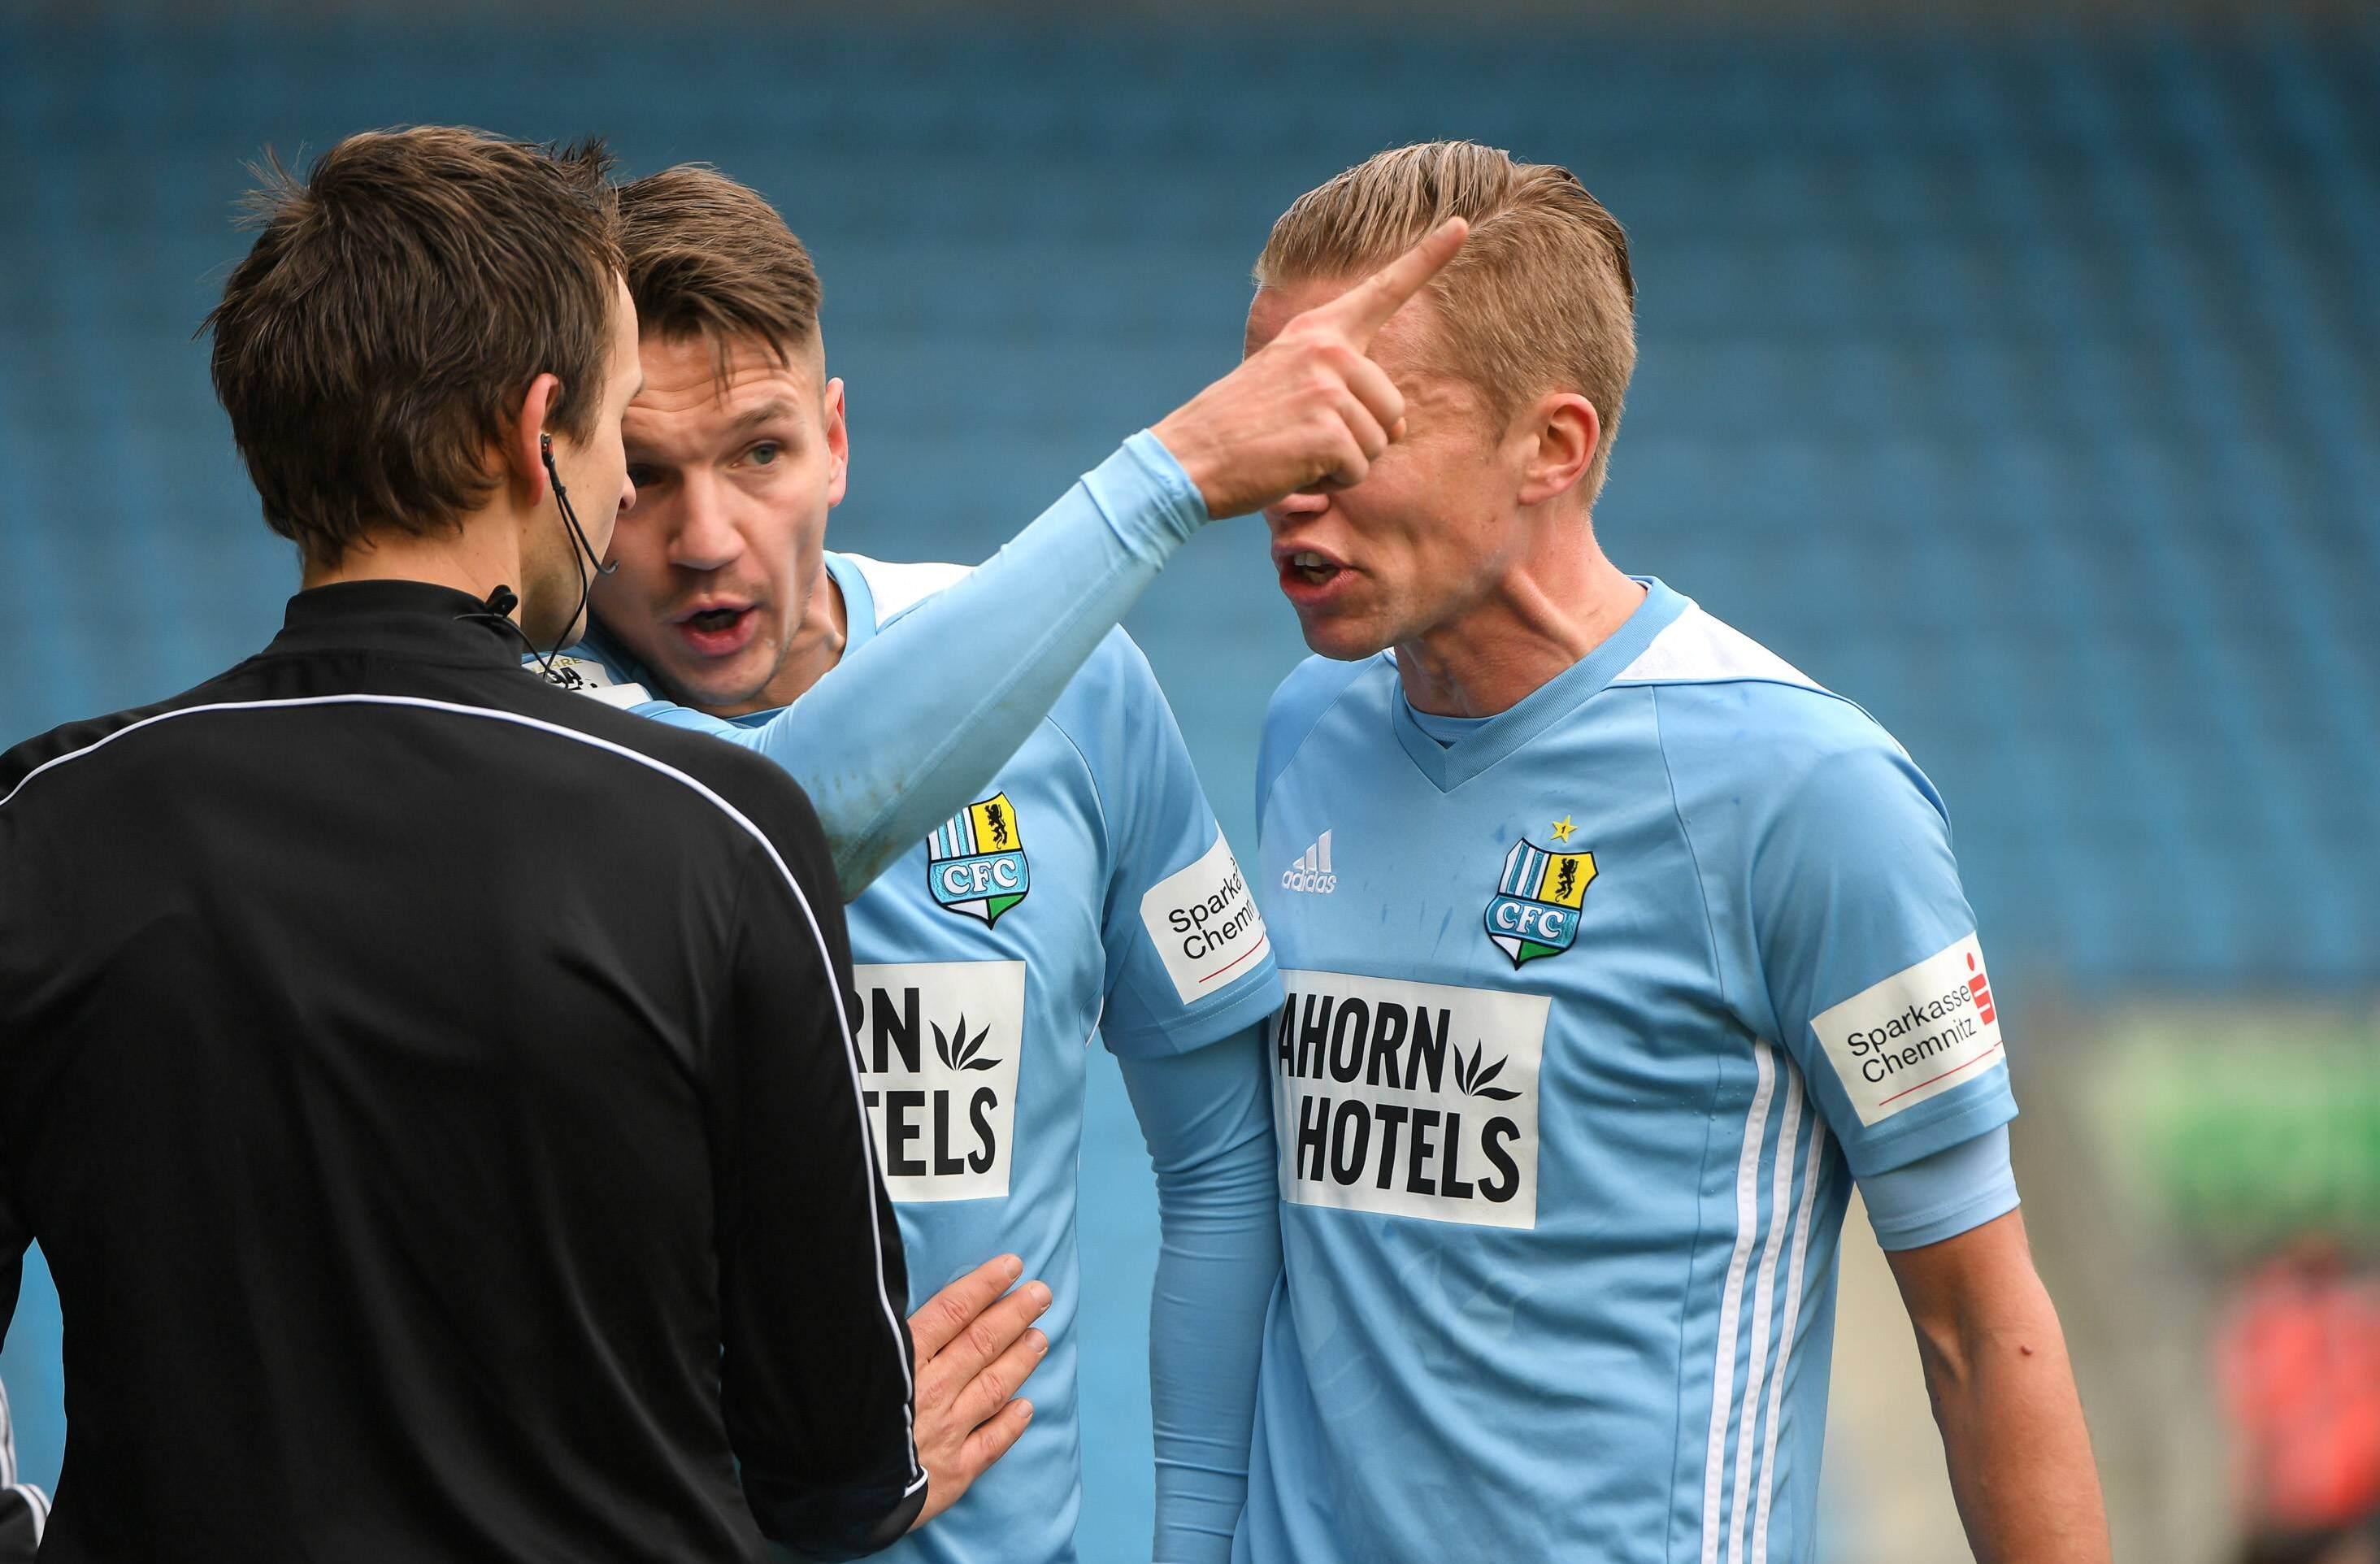 Daniel Frahn und Dennis Grote beschweren sich beim Linienrichter.